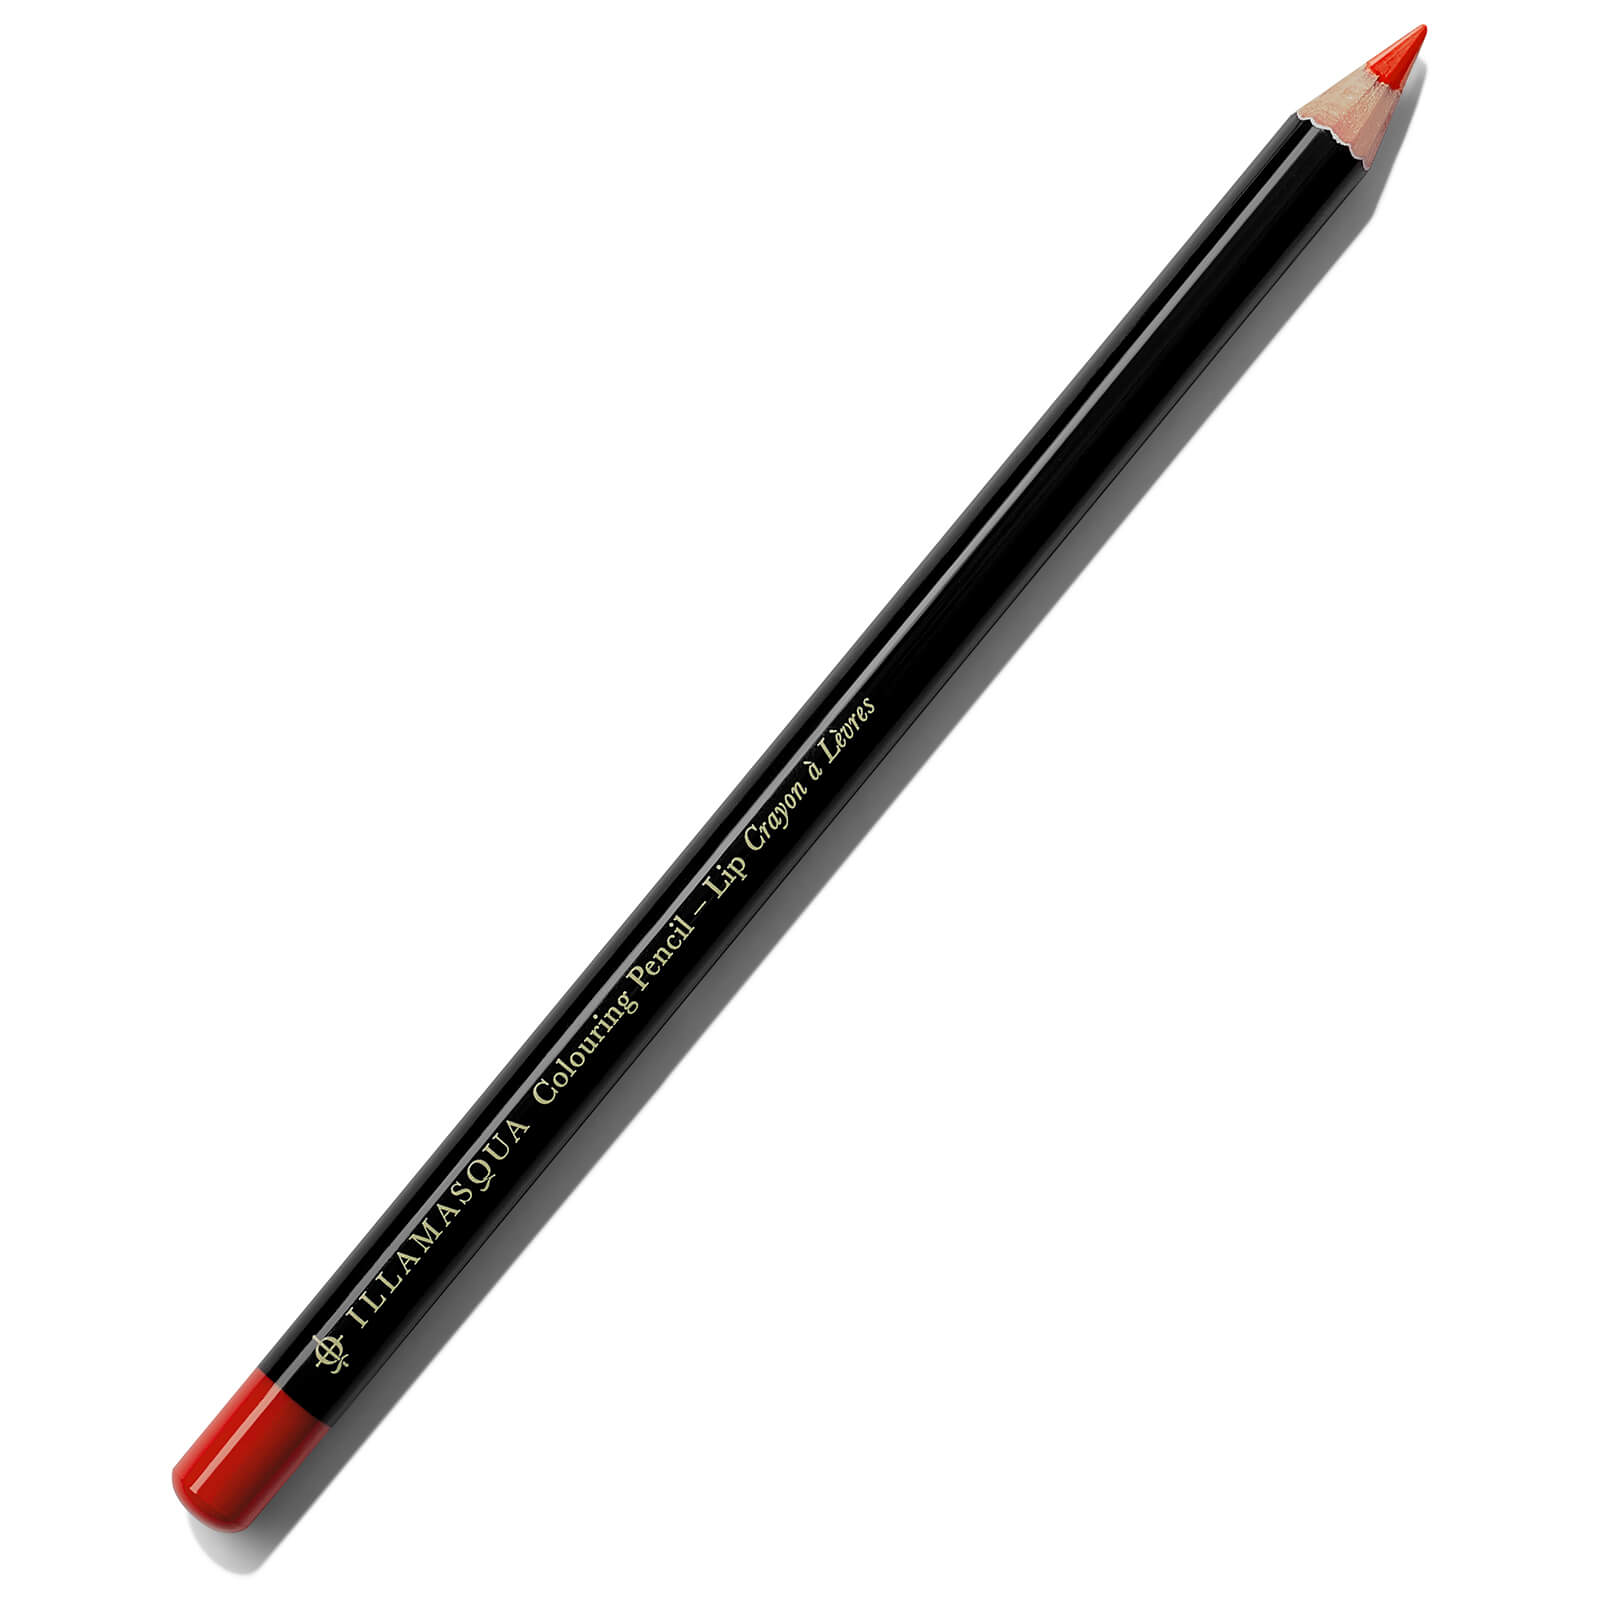 Купить Карандаш для губ Illamasqua Colouring Lip Pencil 1, 4 г (различные оттенки) - Spell